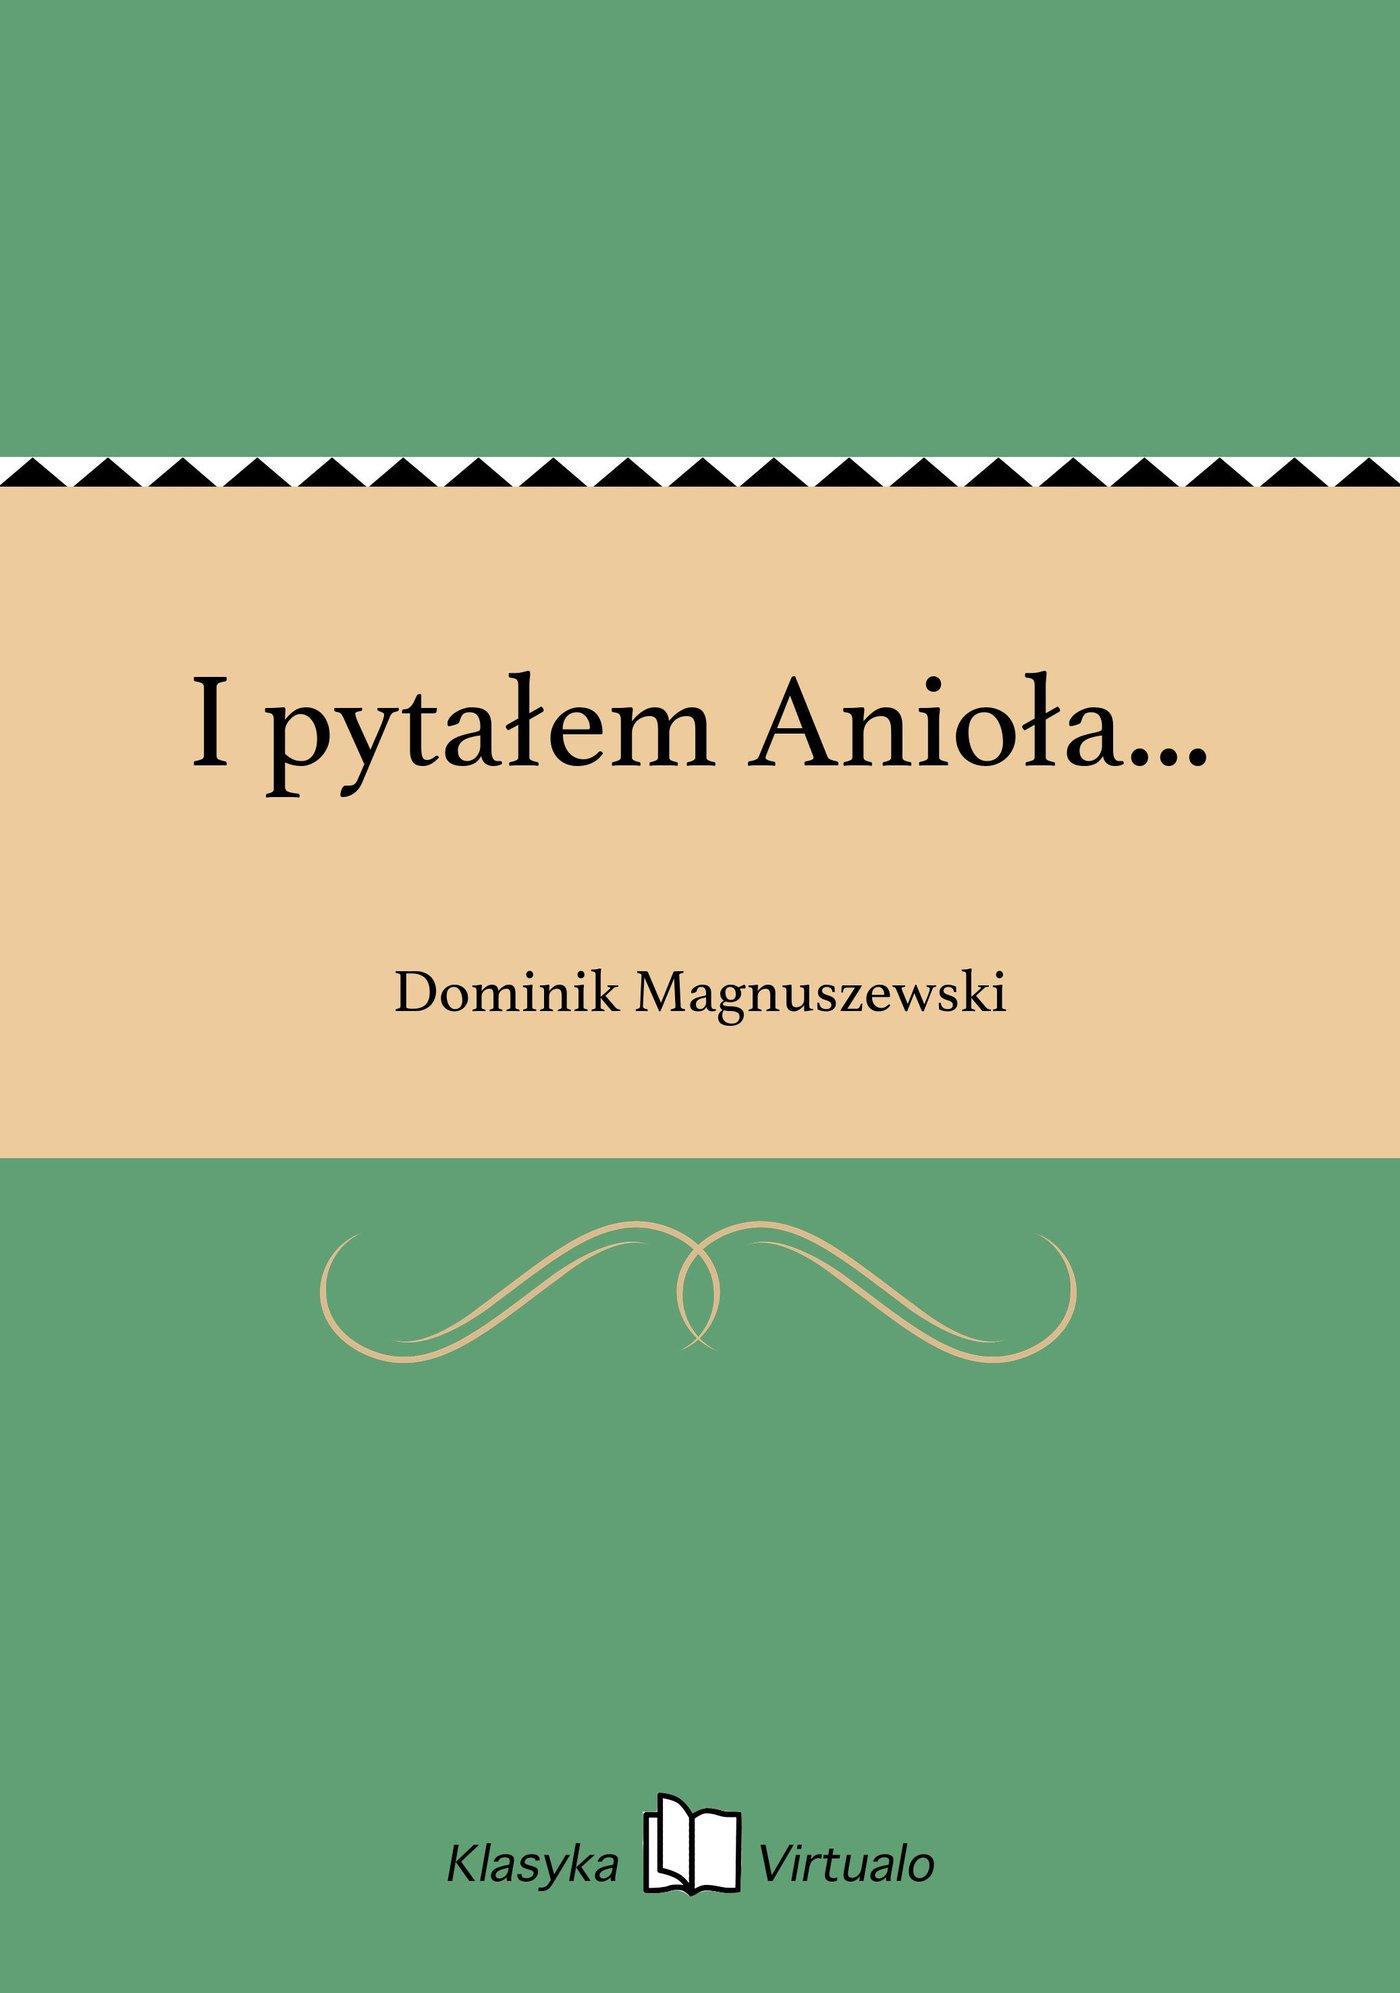 I pytałem Anioła... - Ebook (Książka EPUB) do pobrania w formacie EPUB